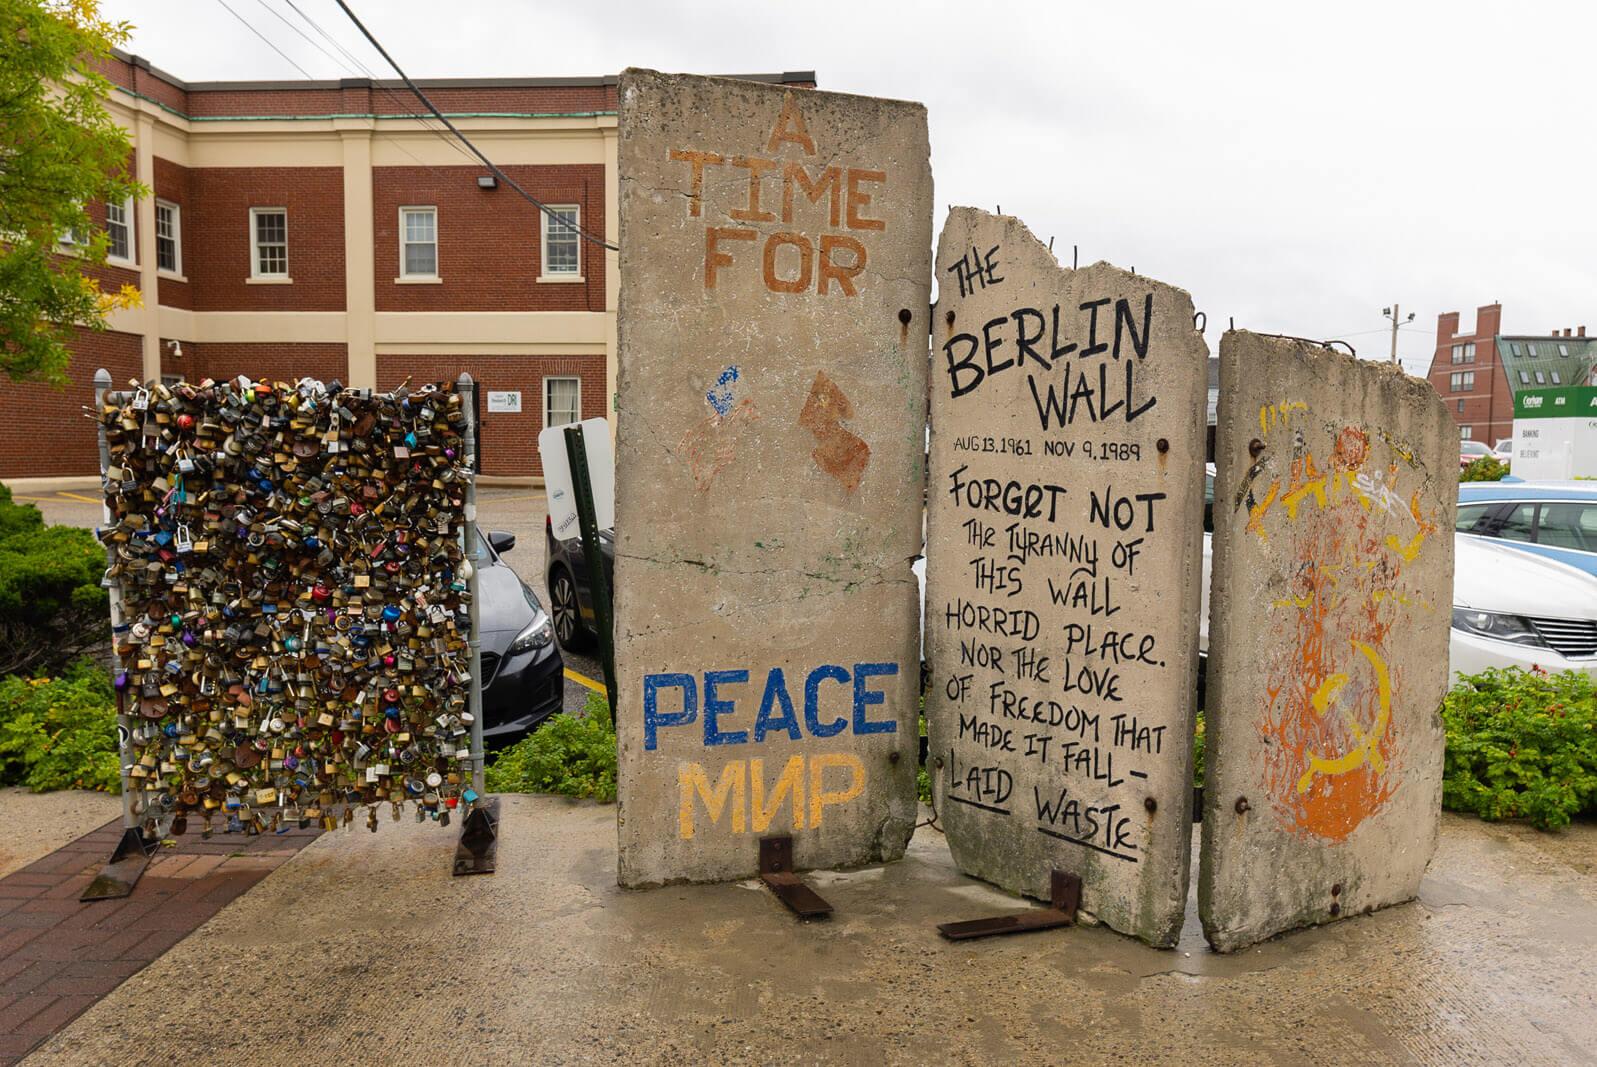 Berlin Wall segments in Portland Maine